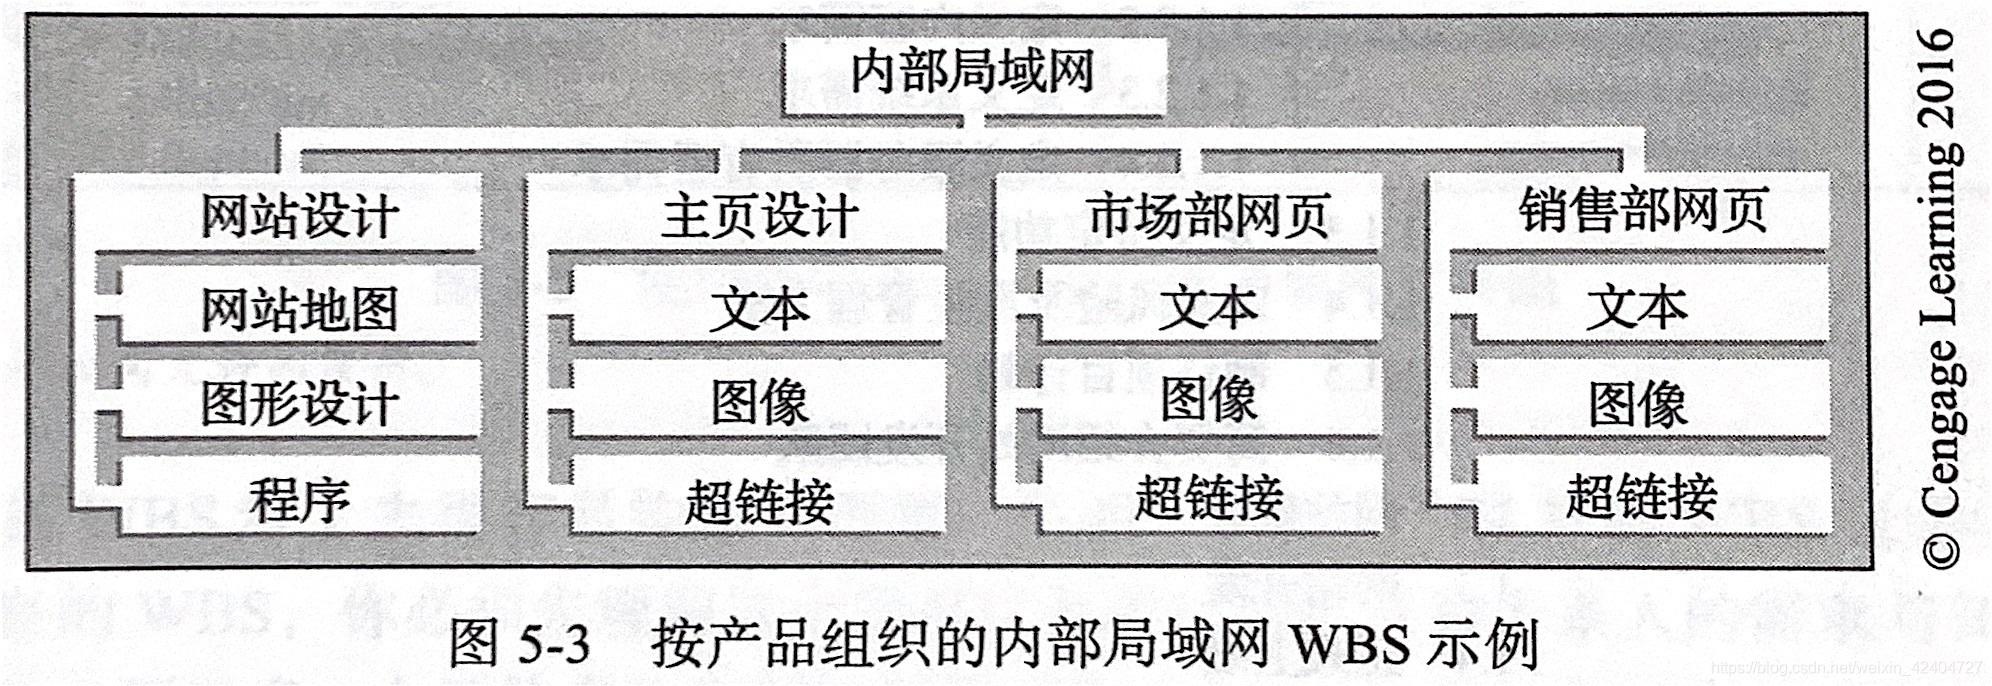 WBS实例